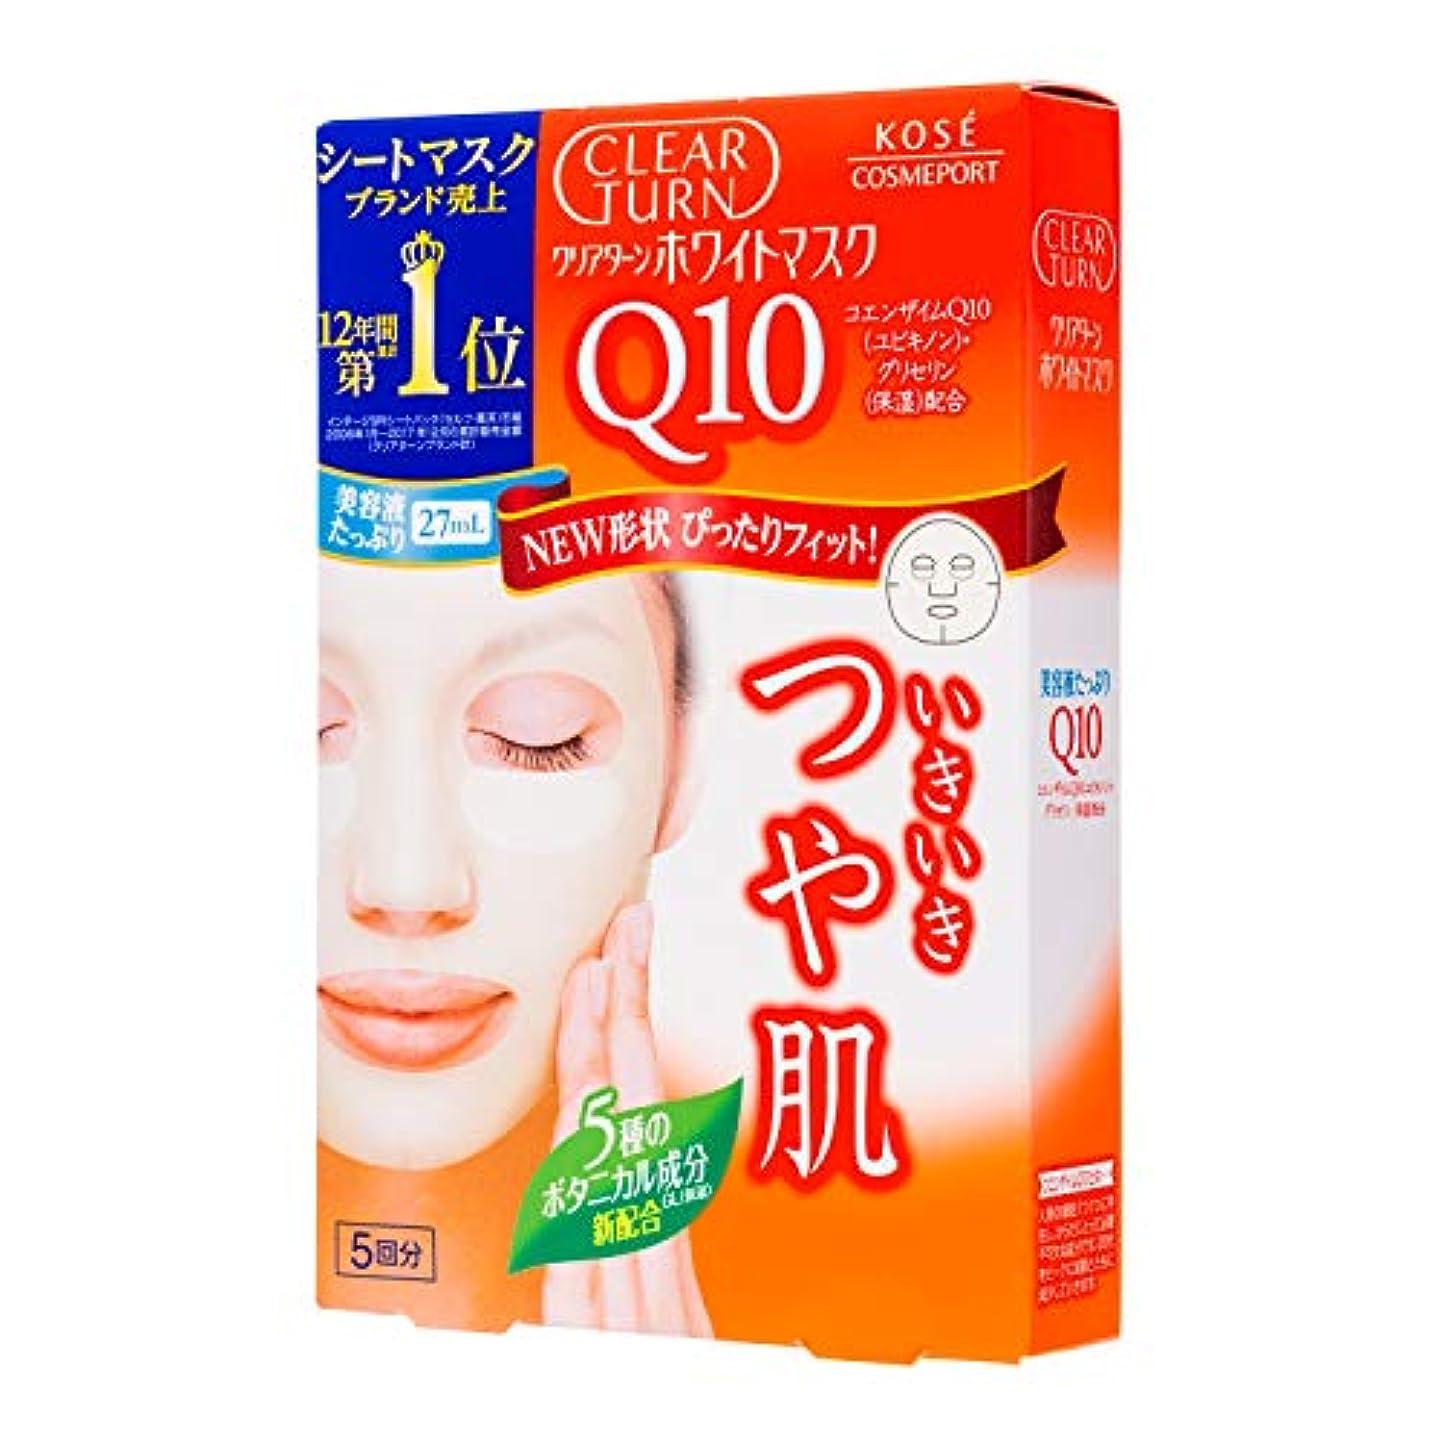 魔女悪意安らぎクリアターン ホワイト マスク Q10 c (コエンザイムQ10) 5回分